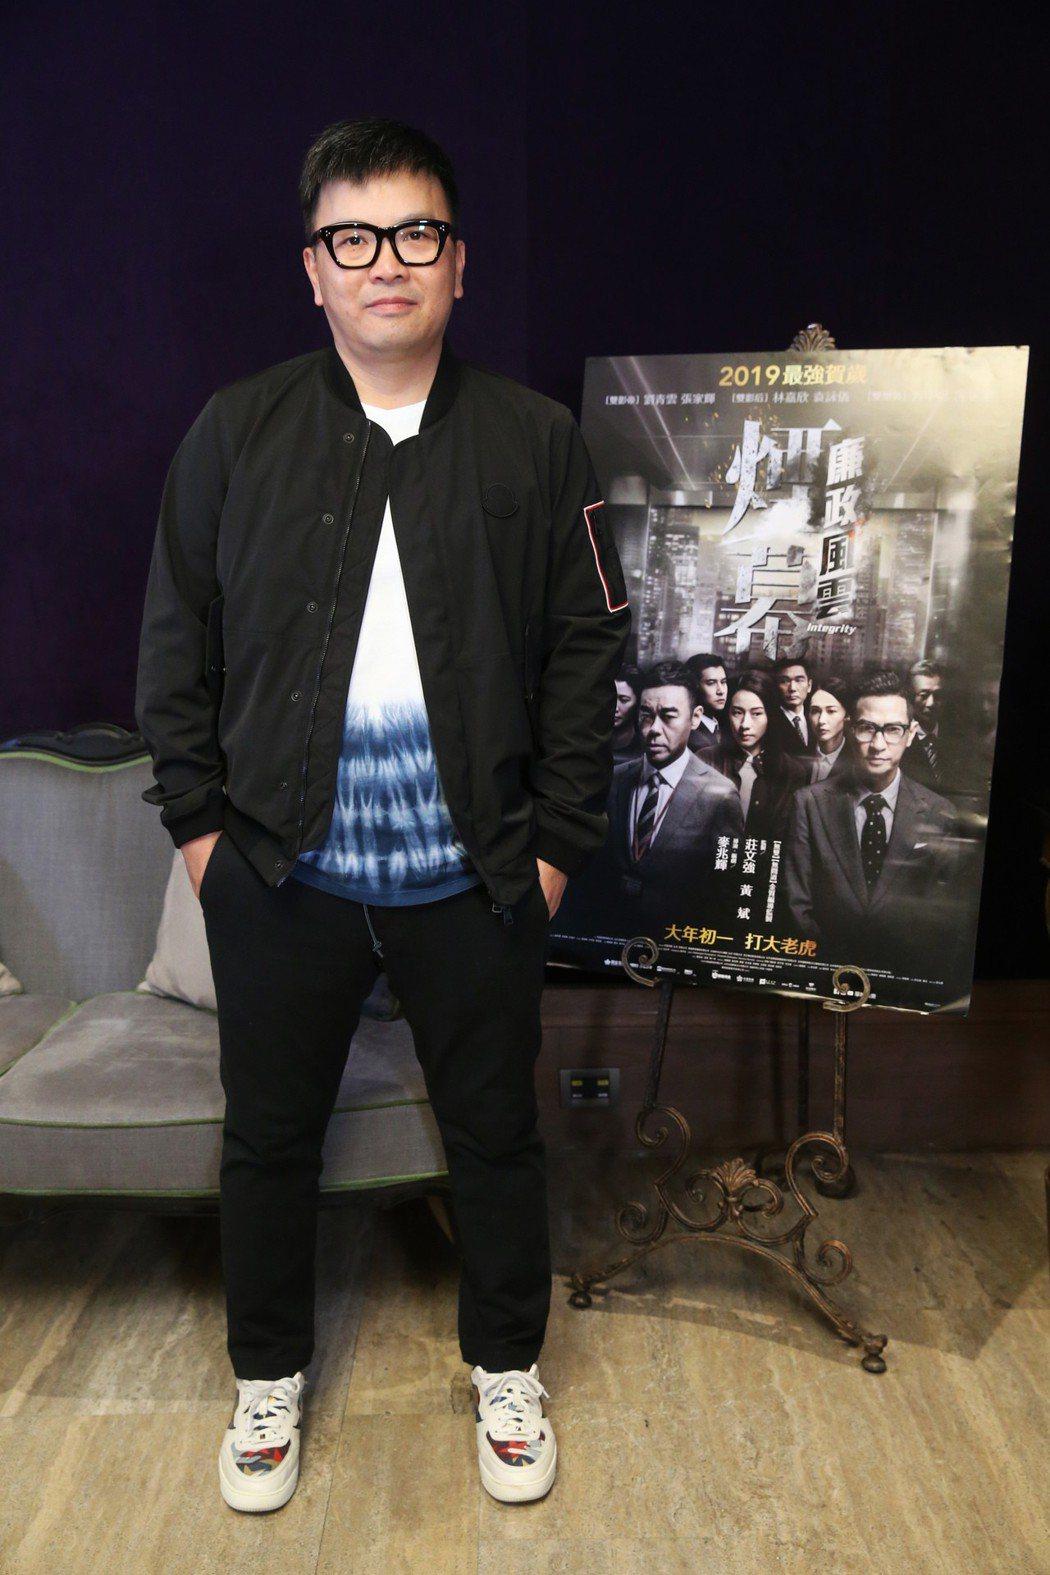 「無間道」、「竊聽風雲」系列導演麥兆輝專訪。記者徐兆玄/攝影